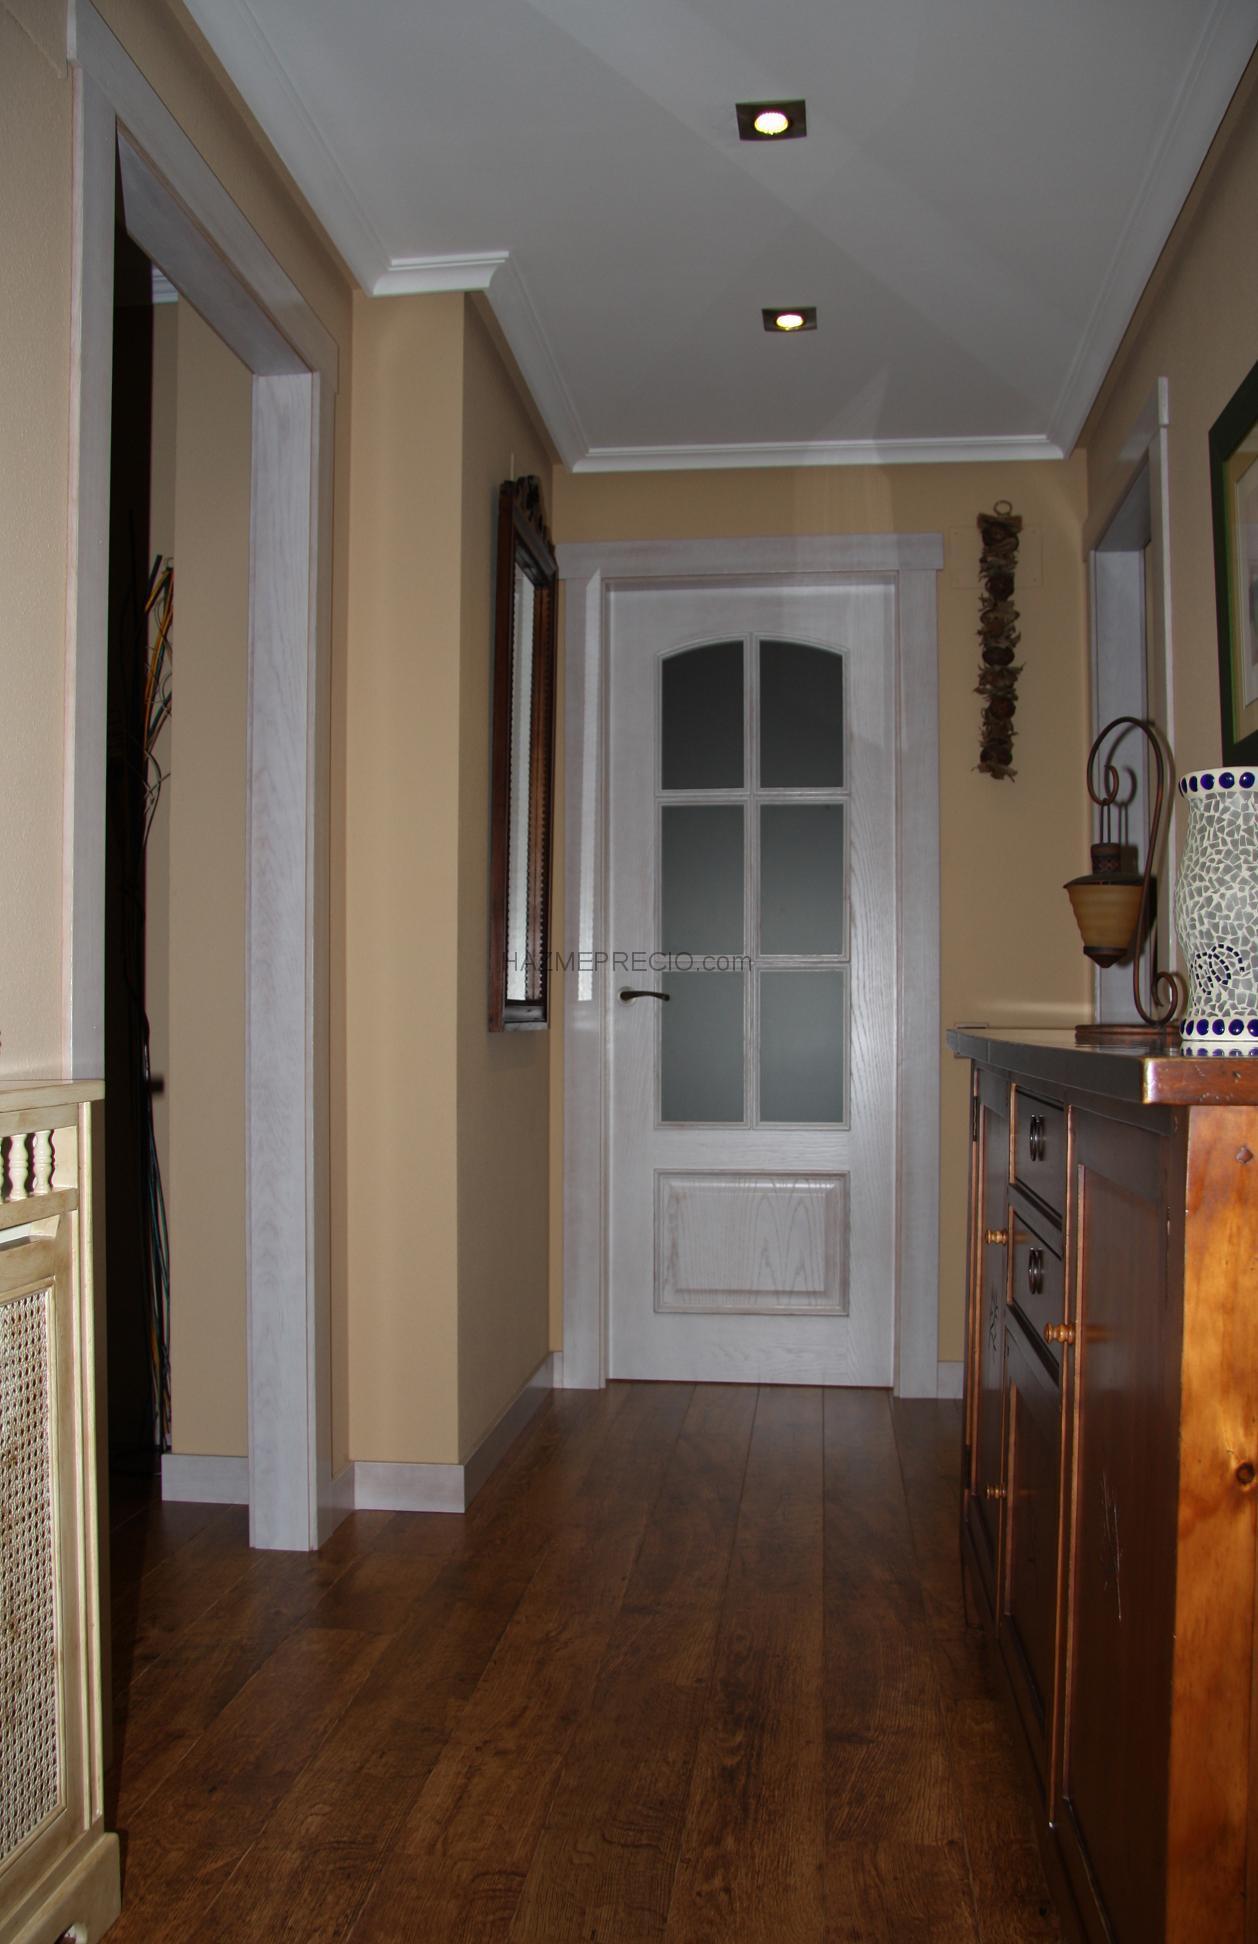 Presupuesto para suministrar puertas de interior 6 ciegas y 2 cristal oviedo asturias - Puertas cristal interior ...